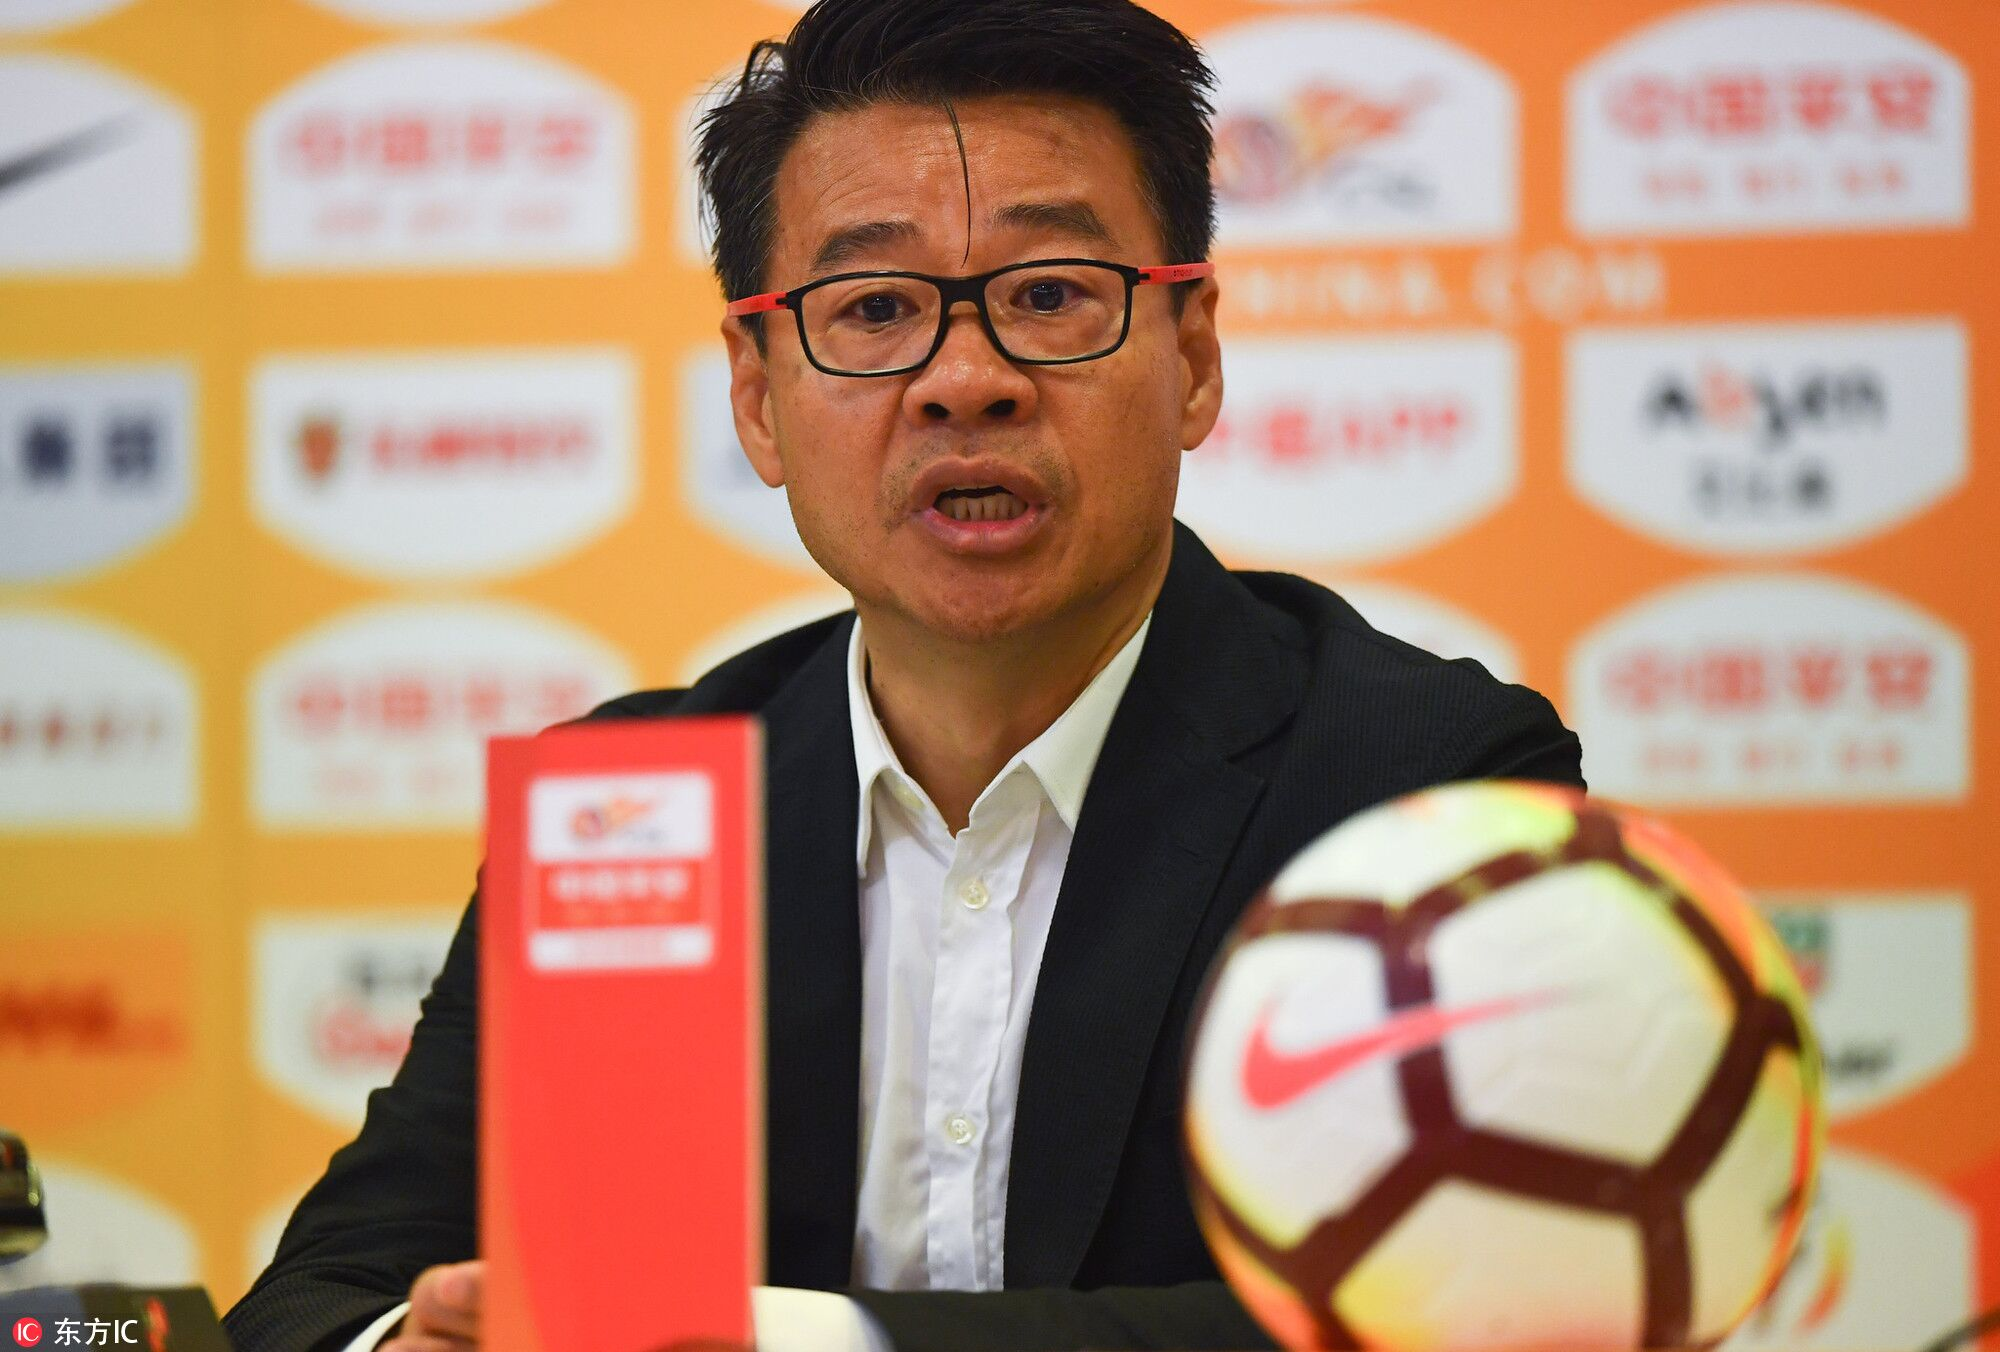 吴金贵:球员如同勇士,刘若钒替补登场又被换下因紧张